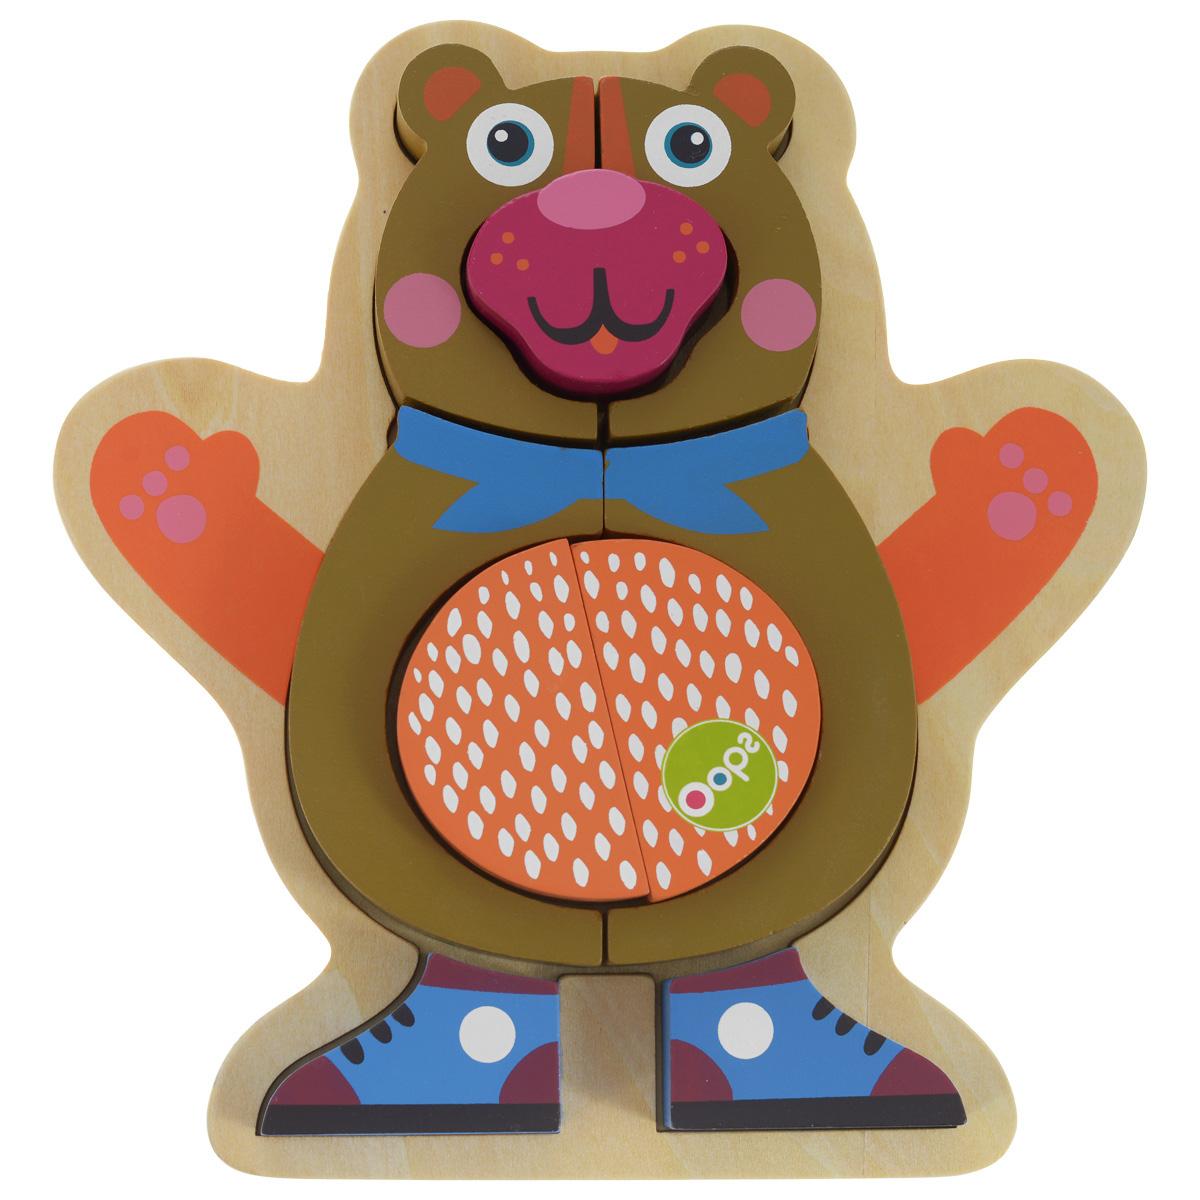 Деревянный пазл Oops Медвежонок, 9 элементовO 16002.11С помощью деревянного пазла Oops Медвежонок, состоящего из 9-ти деталей, малыш без труда сможет собрать фигурку медвежонка, выкладывая части пазла на деревянную основу со специальными углублениями. Игрушка изготовлена из абсолютно безопасного, нетоксичного и прочного материала. Деревянный пазл Oops Медвежонок познакомит ребенка с основными цветами и разными формами. Малышу будет очень интересно собирать его. Занятия с пазлом тренируют пространственное и логическое мышление, координацию движений и развивают мелкую моторику.